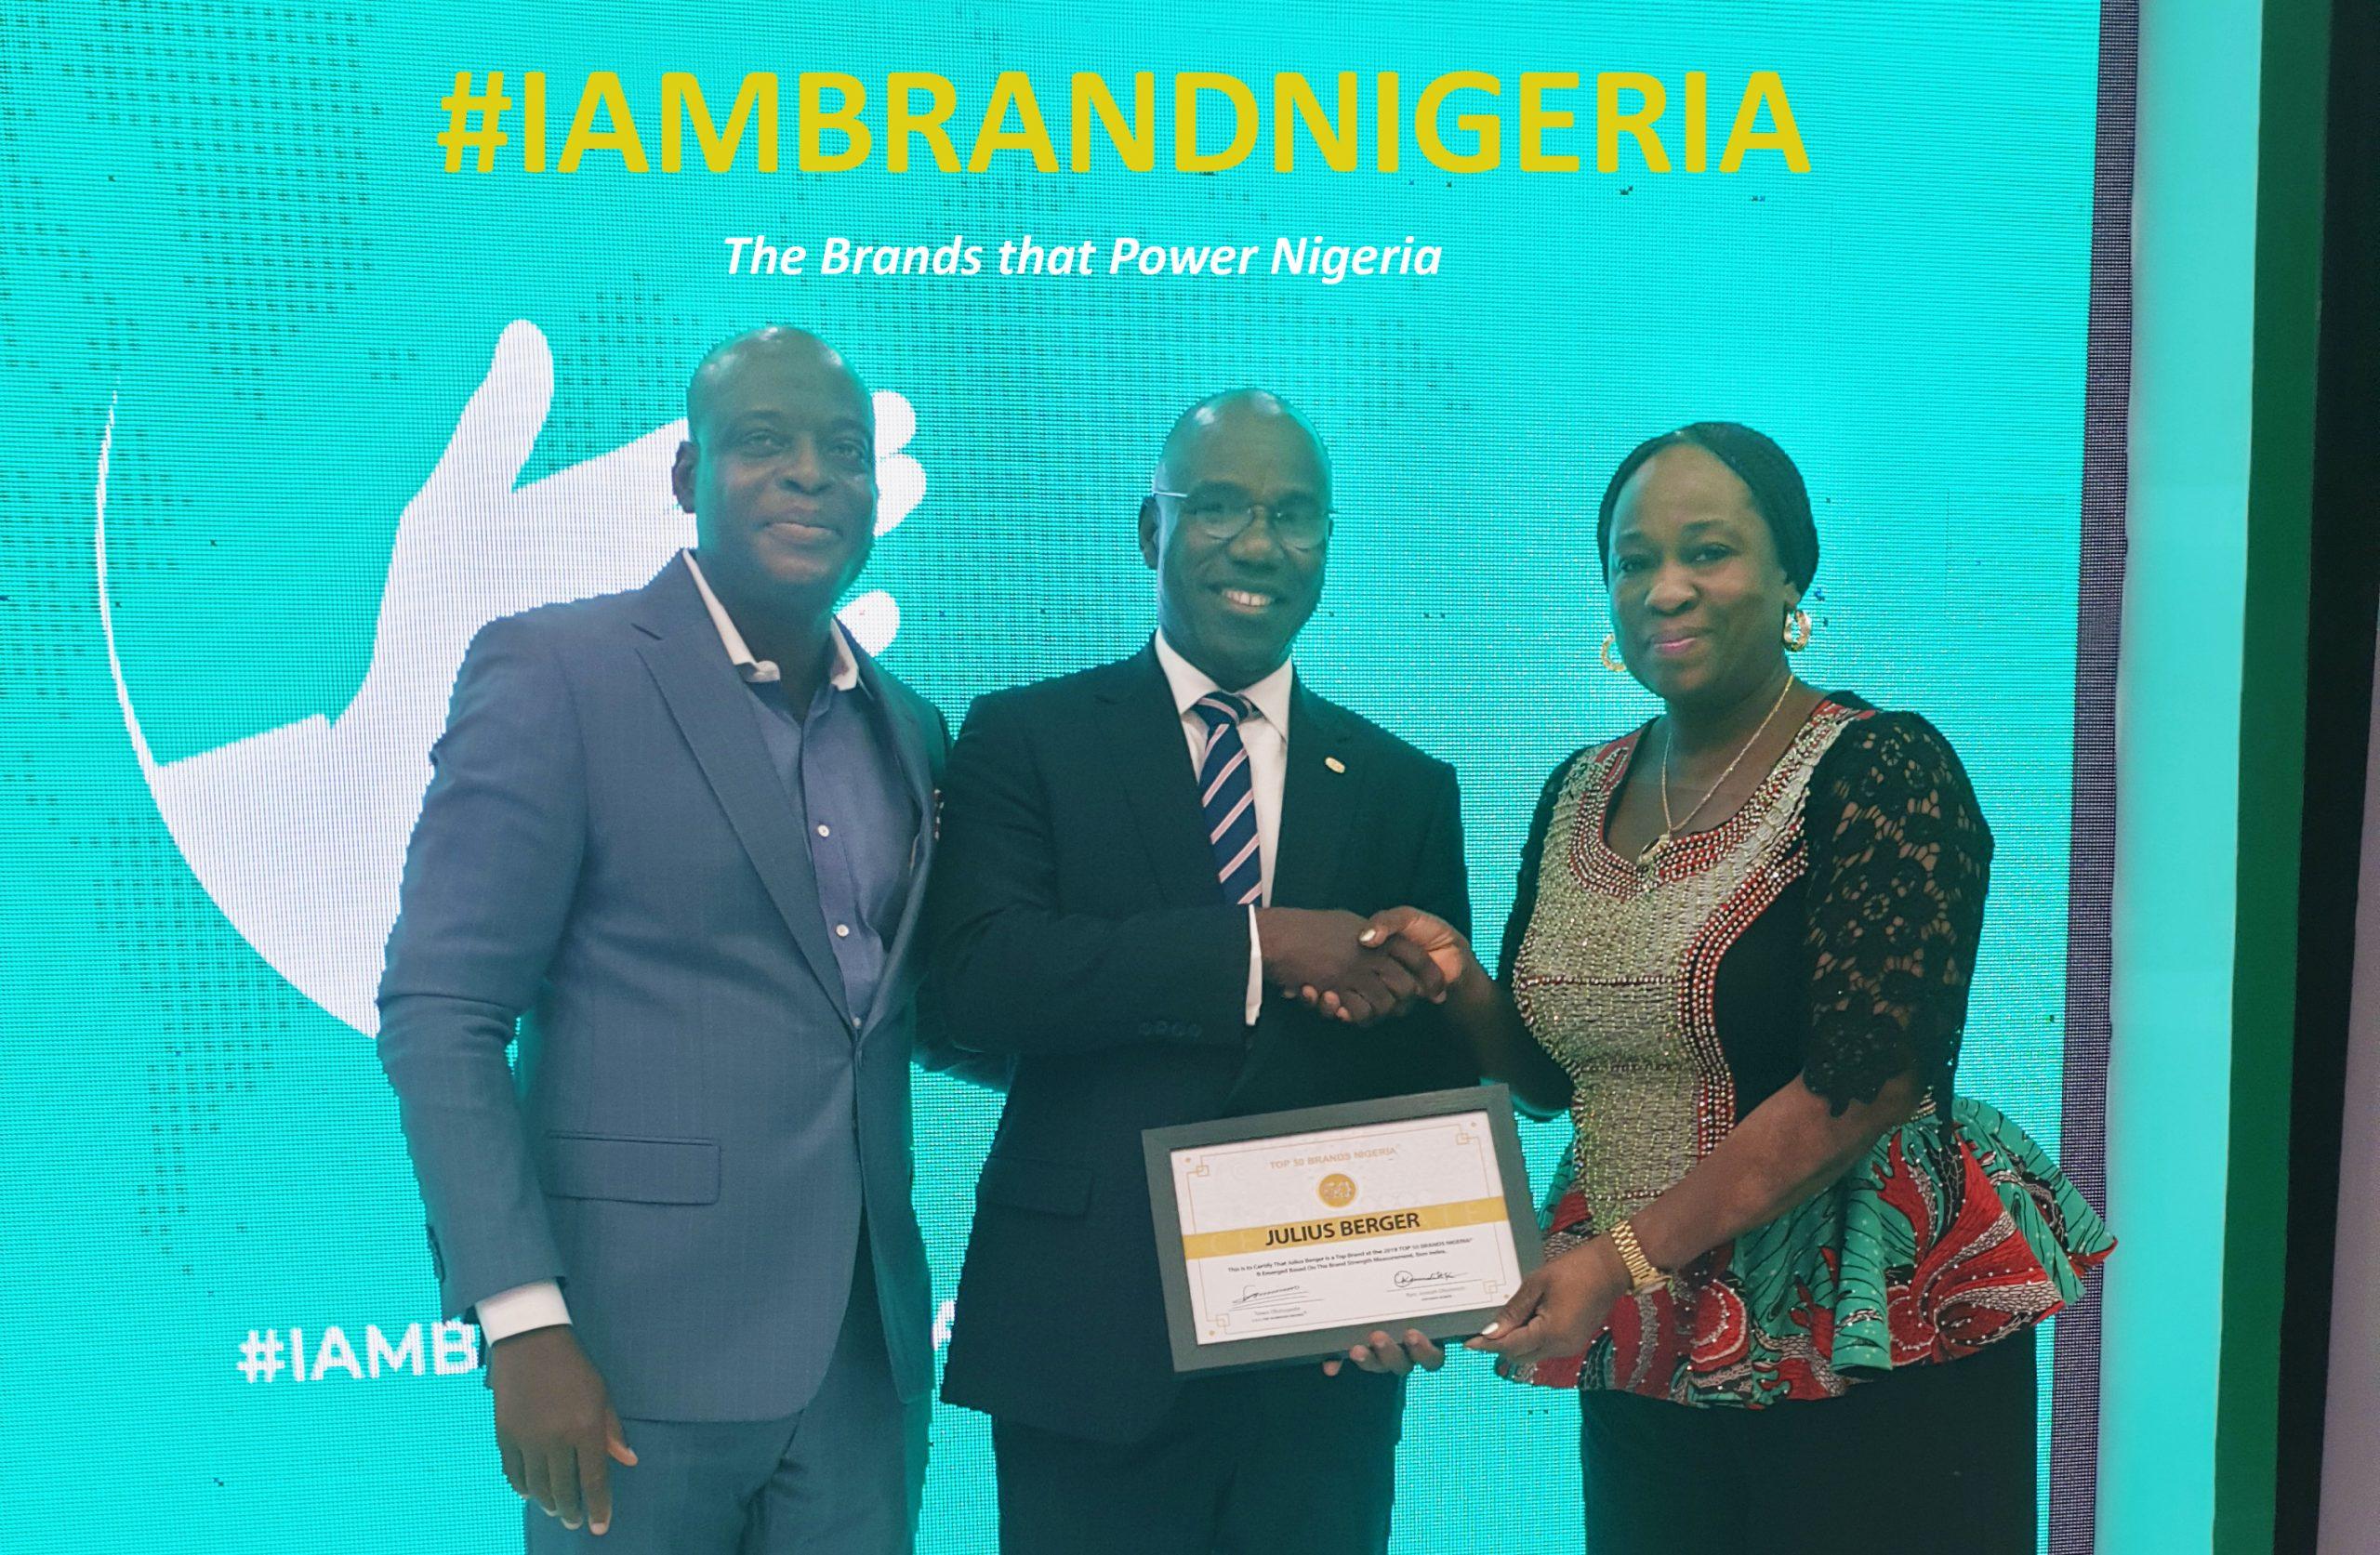 Julius Berger Tops 50 Brands Nigeria Awards Again